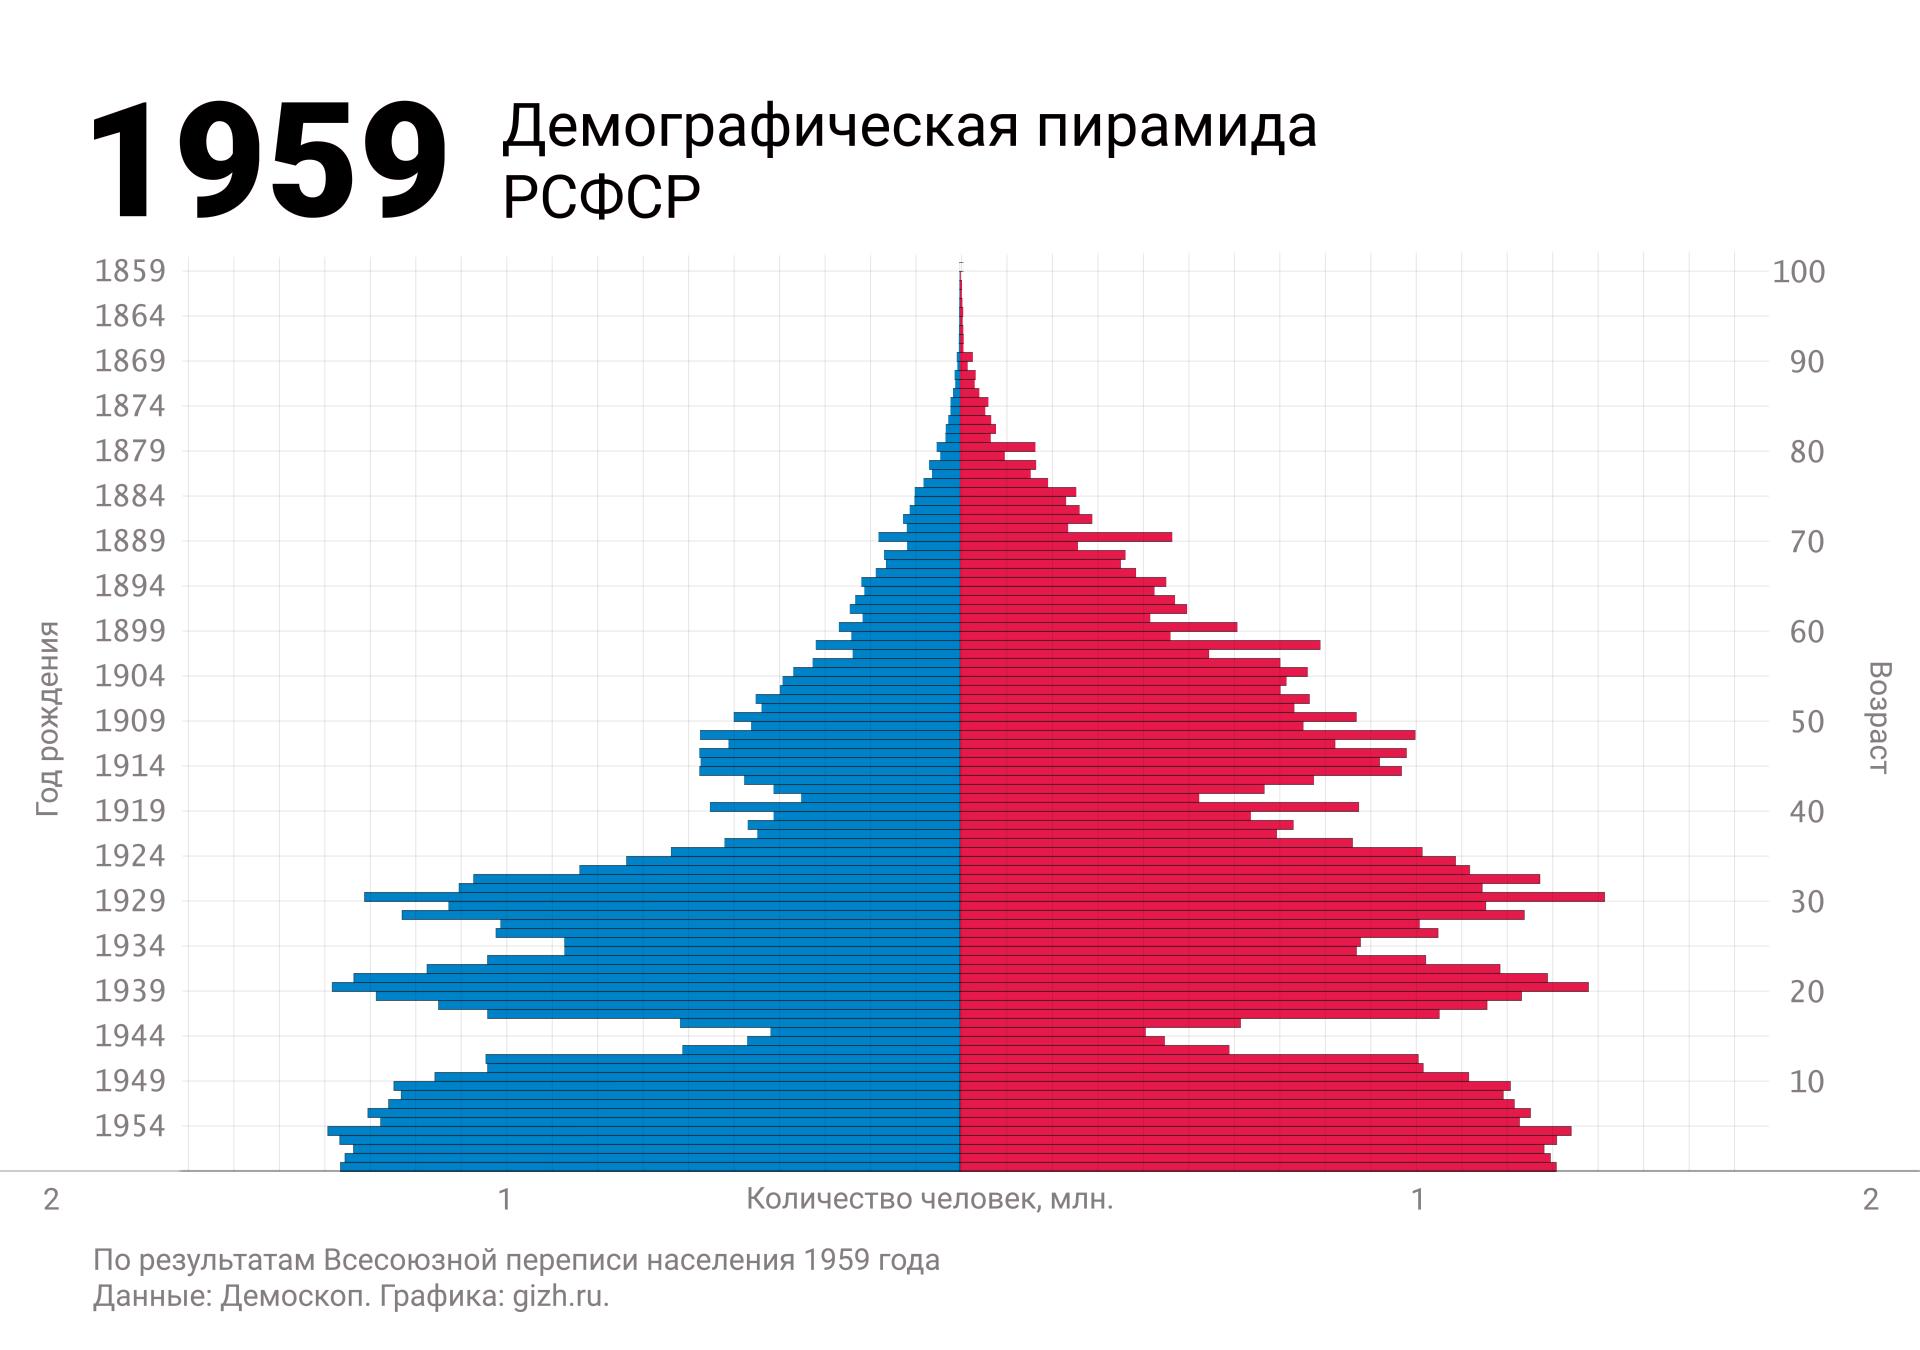 Демографическая (половозрастная) пирамида России (СССР, РСФСР) по переписи 1959